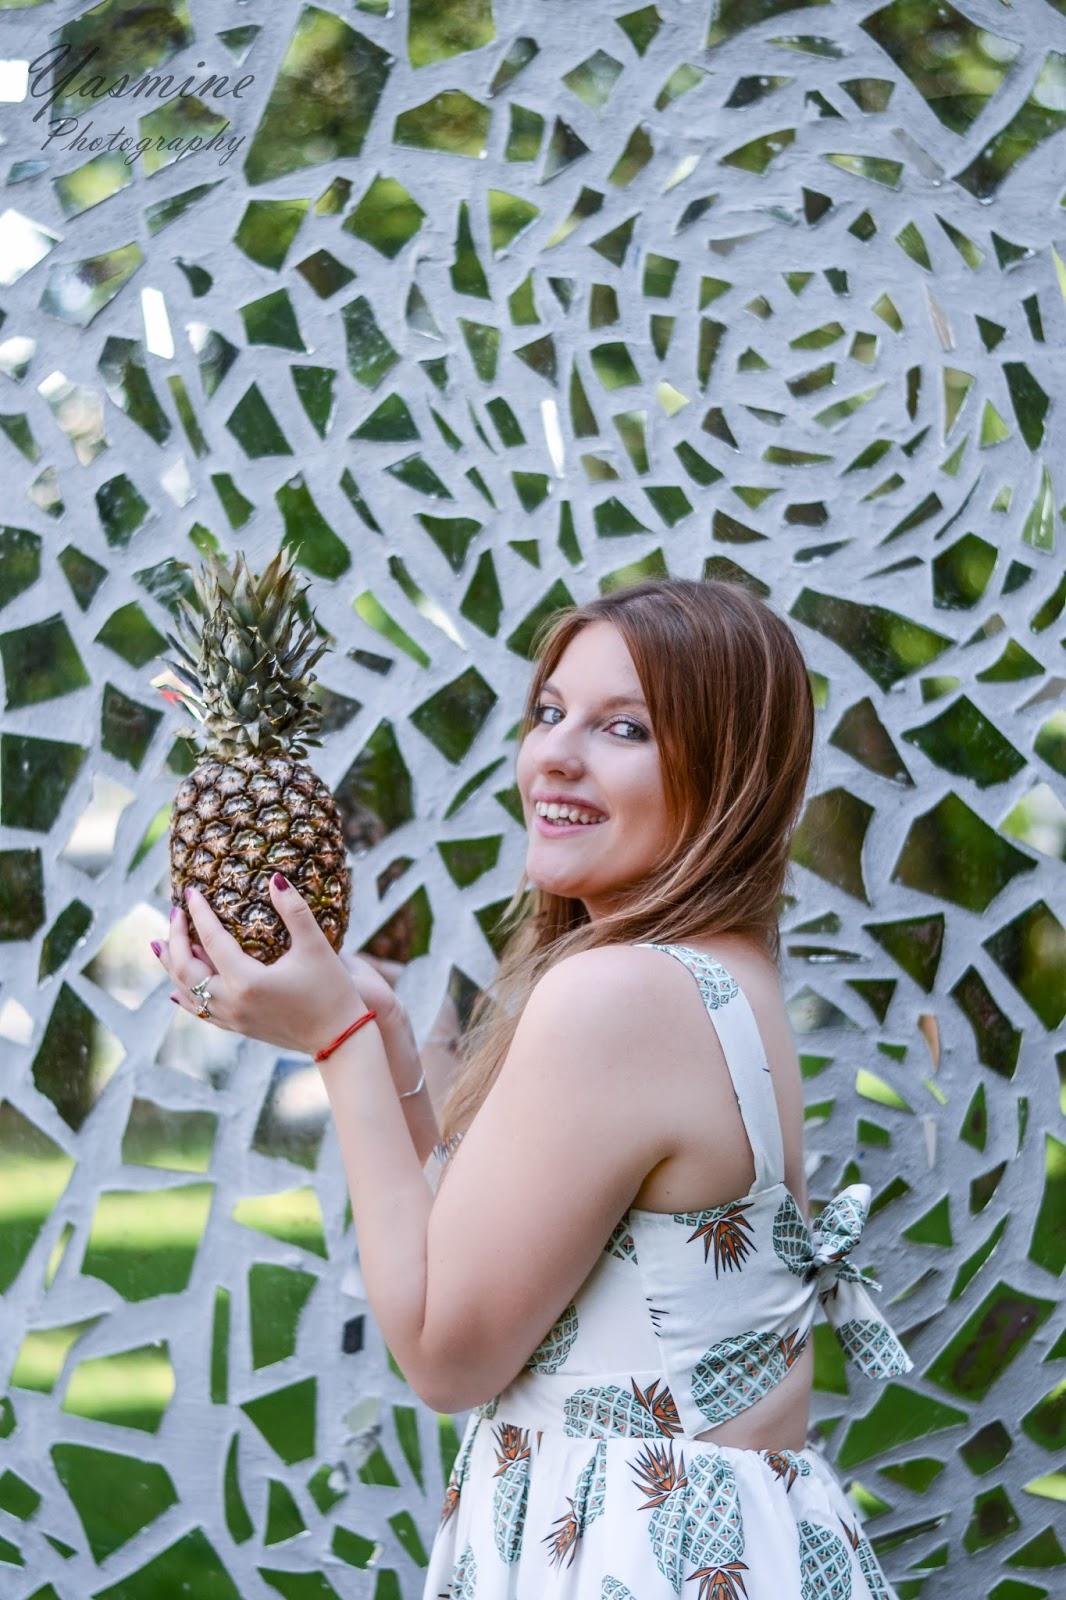 czy warto kupowac na stronach chińskich sklepów zaful sammydress dresslink sukienka w ananasy chińskie sklepy internetowe jakość pineapple dress fashion style melodylaniella yasmine photography s